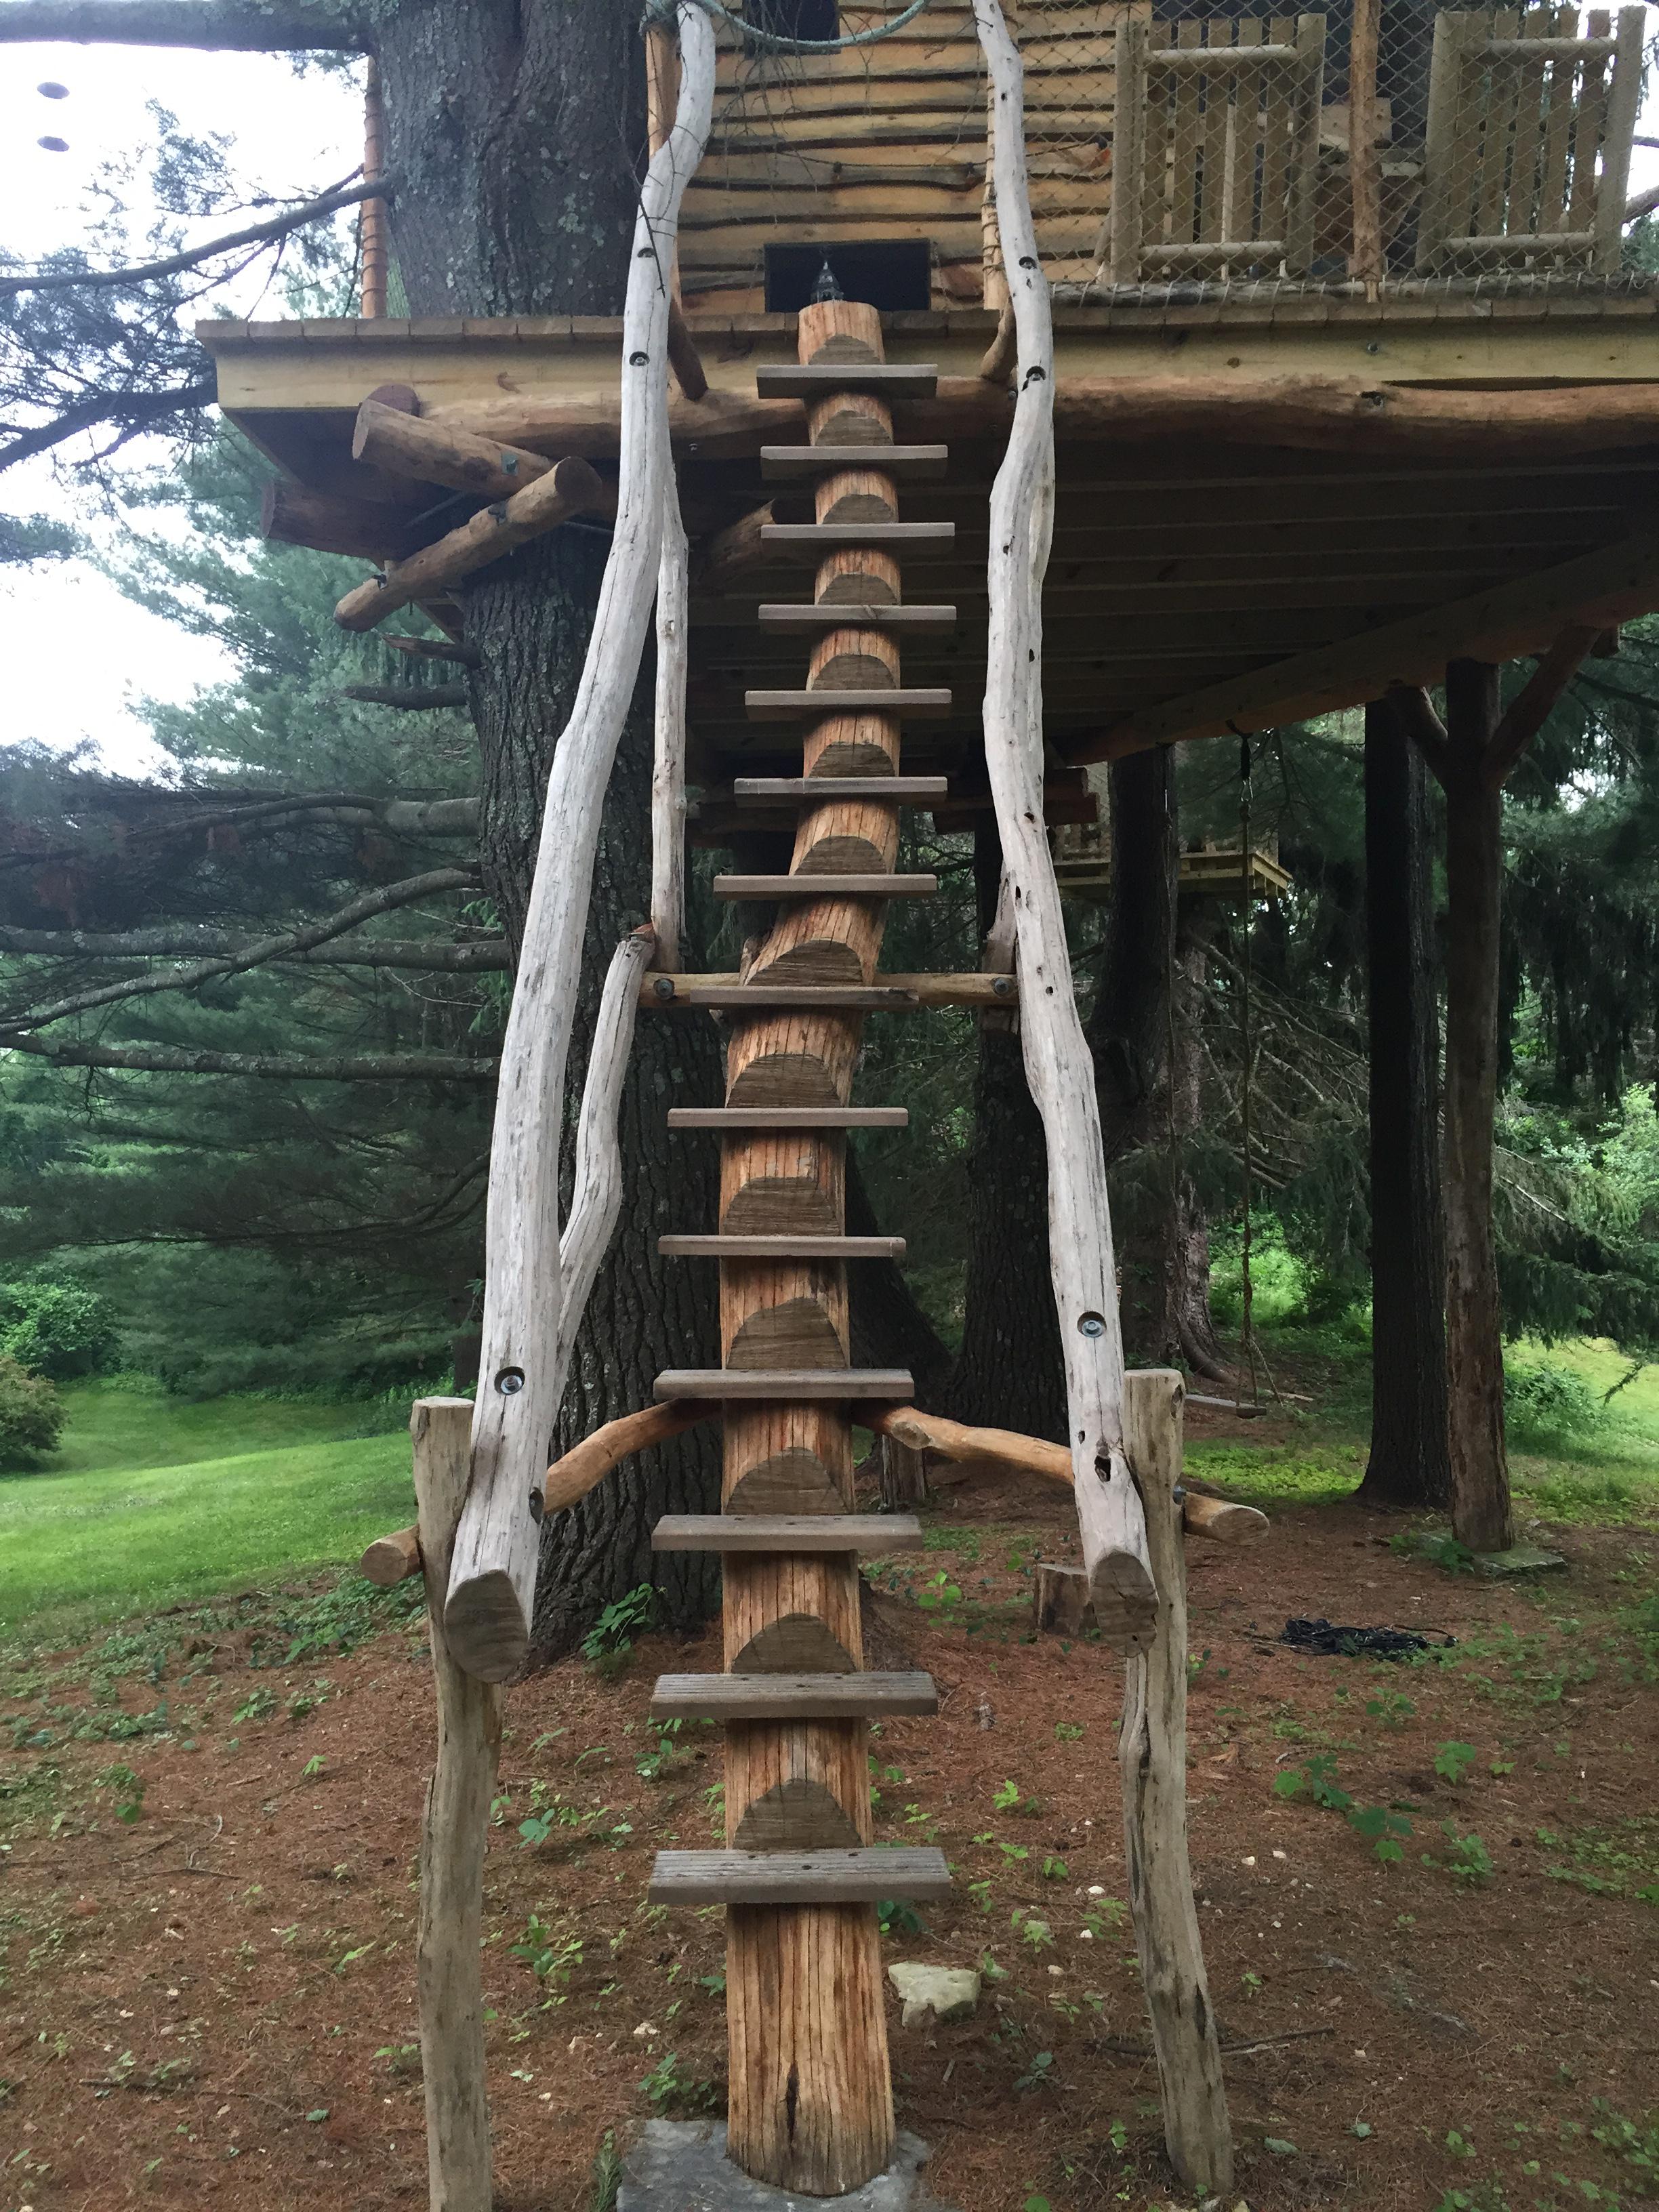 Tree-Mendous Black Locust Stairs